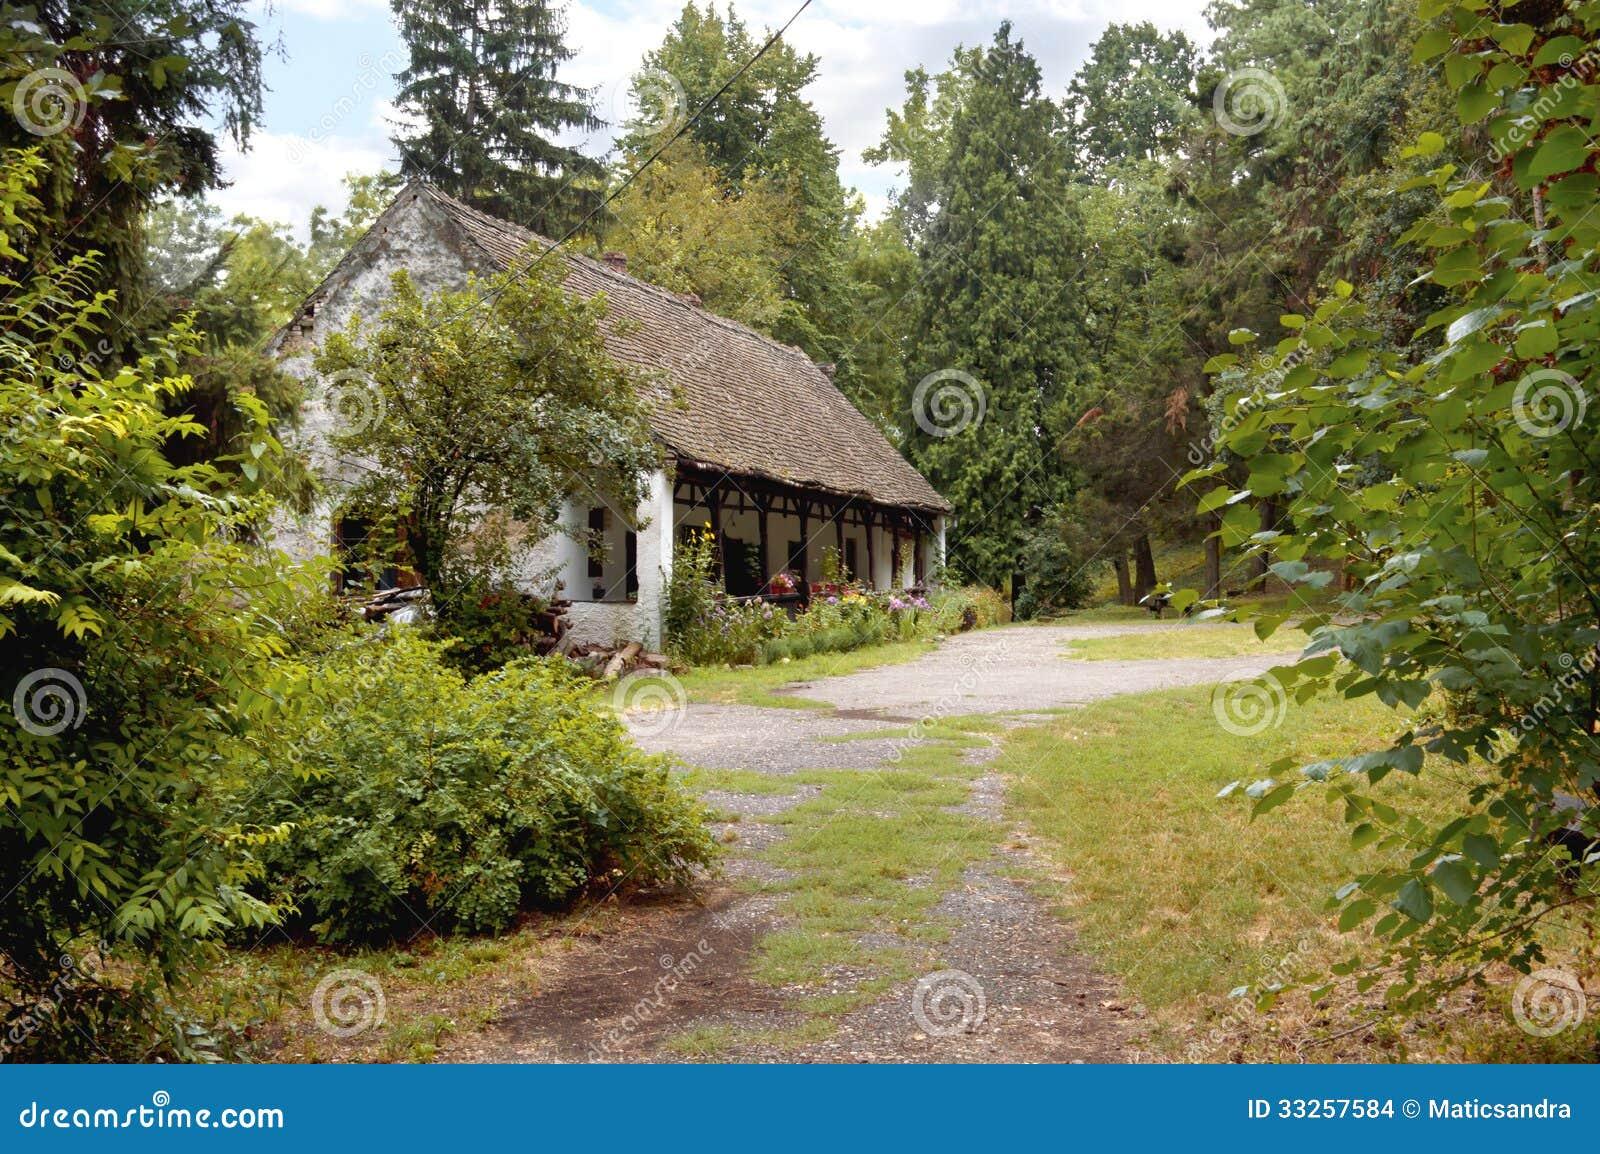 Een oud huis in een bos stock afbeeldingen afbeelding 33257584 - Huis verlenging oud huis ...